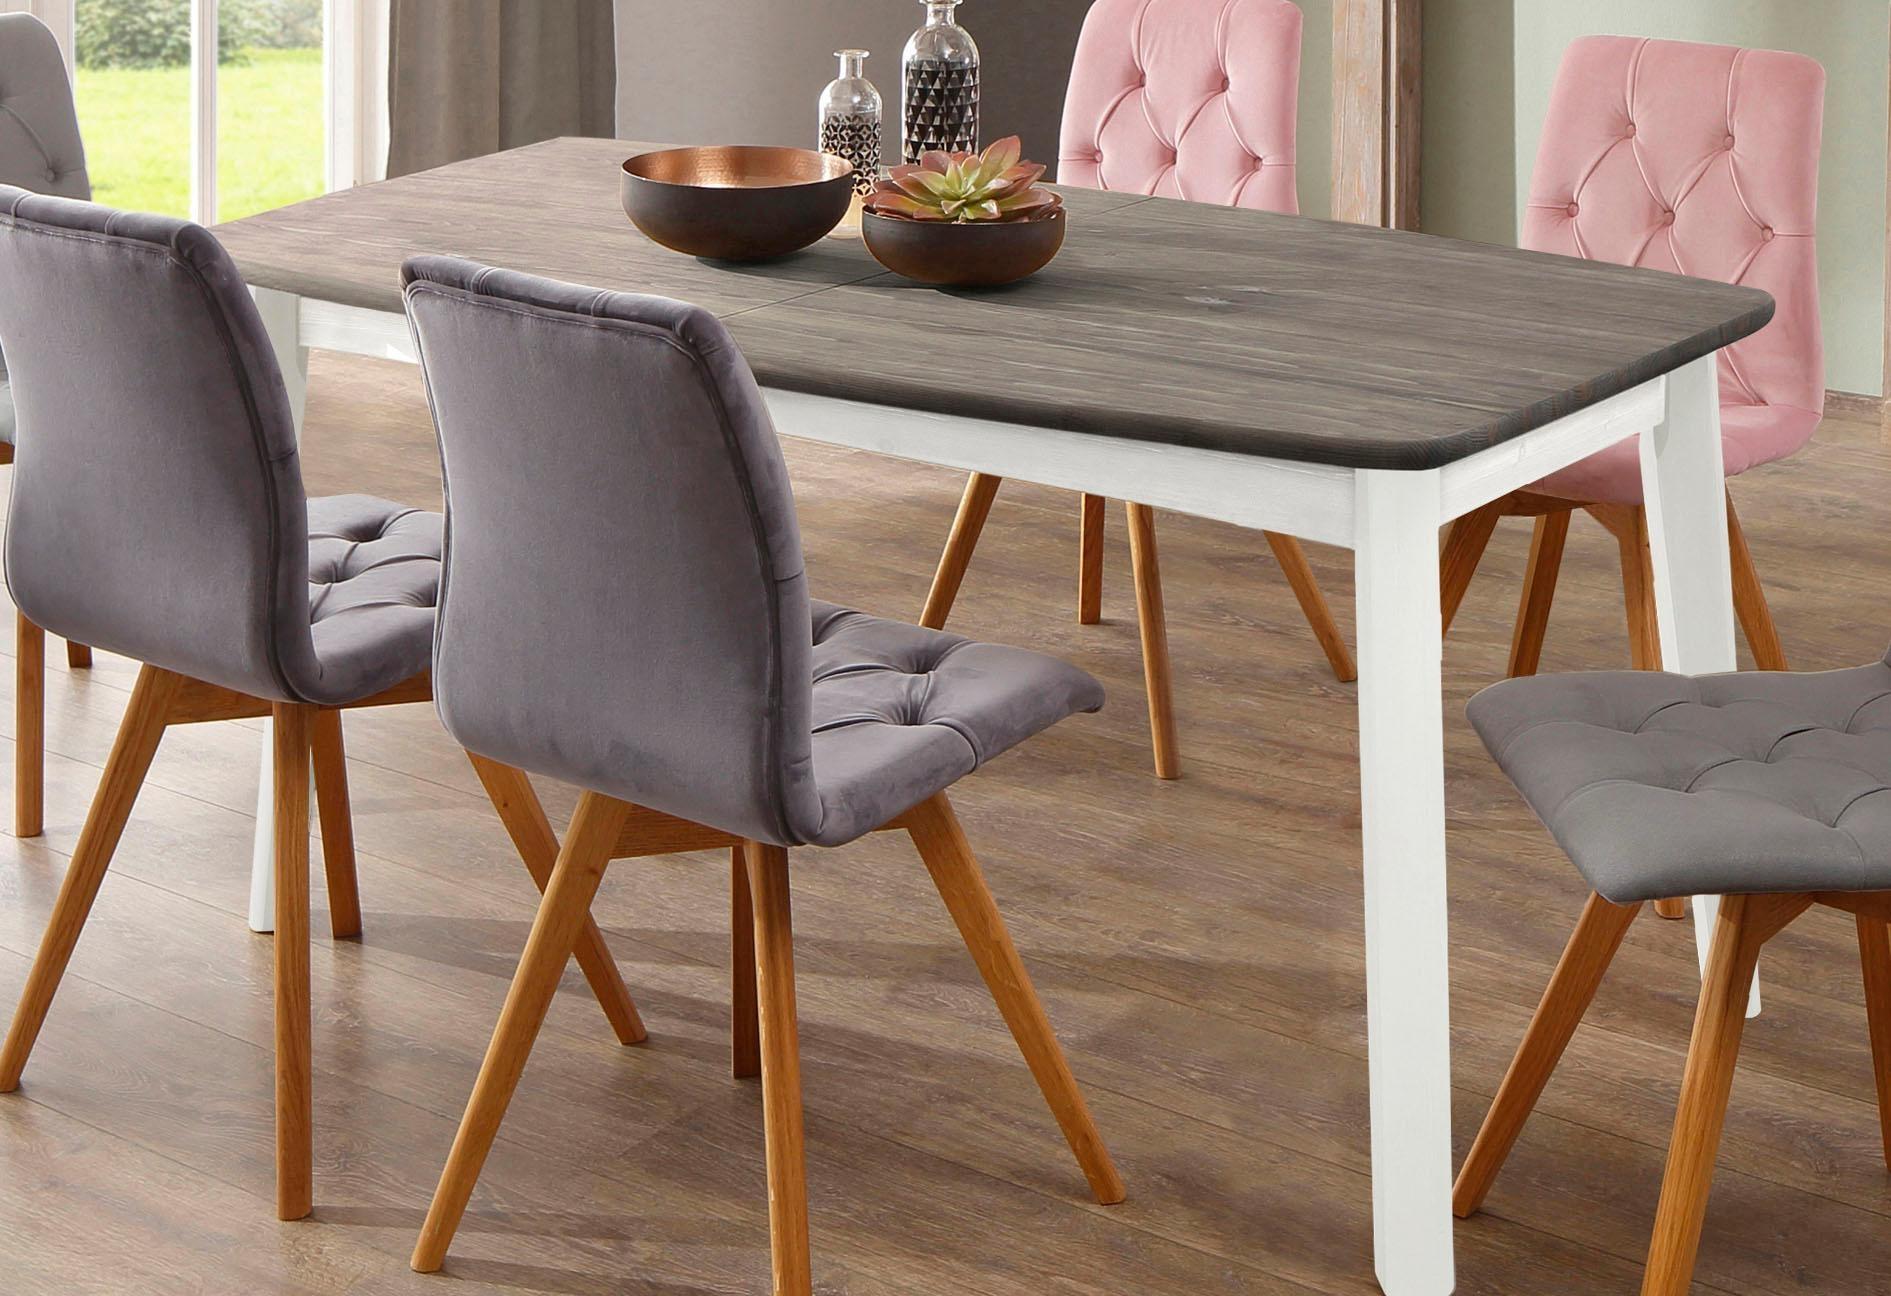 Home affaire Esstisch Palermo, mit Auszugfunktion weiß Holz-Esstische Holztische Tische